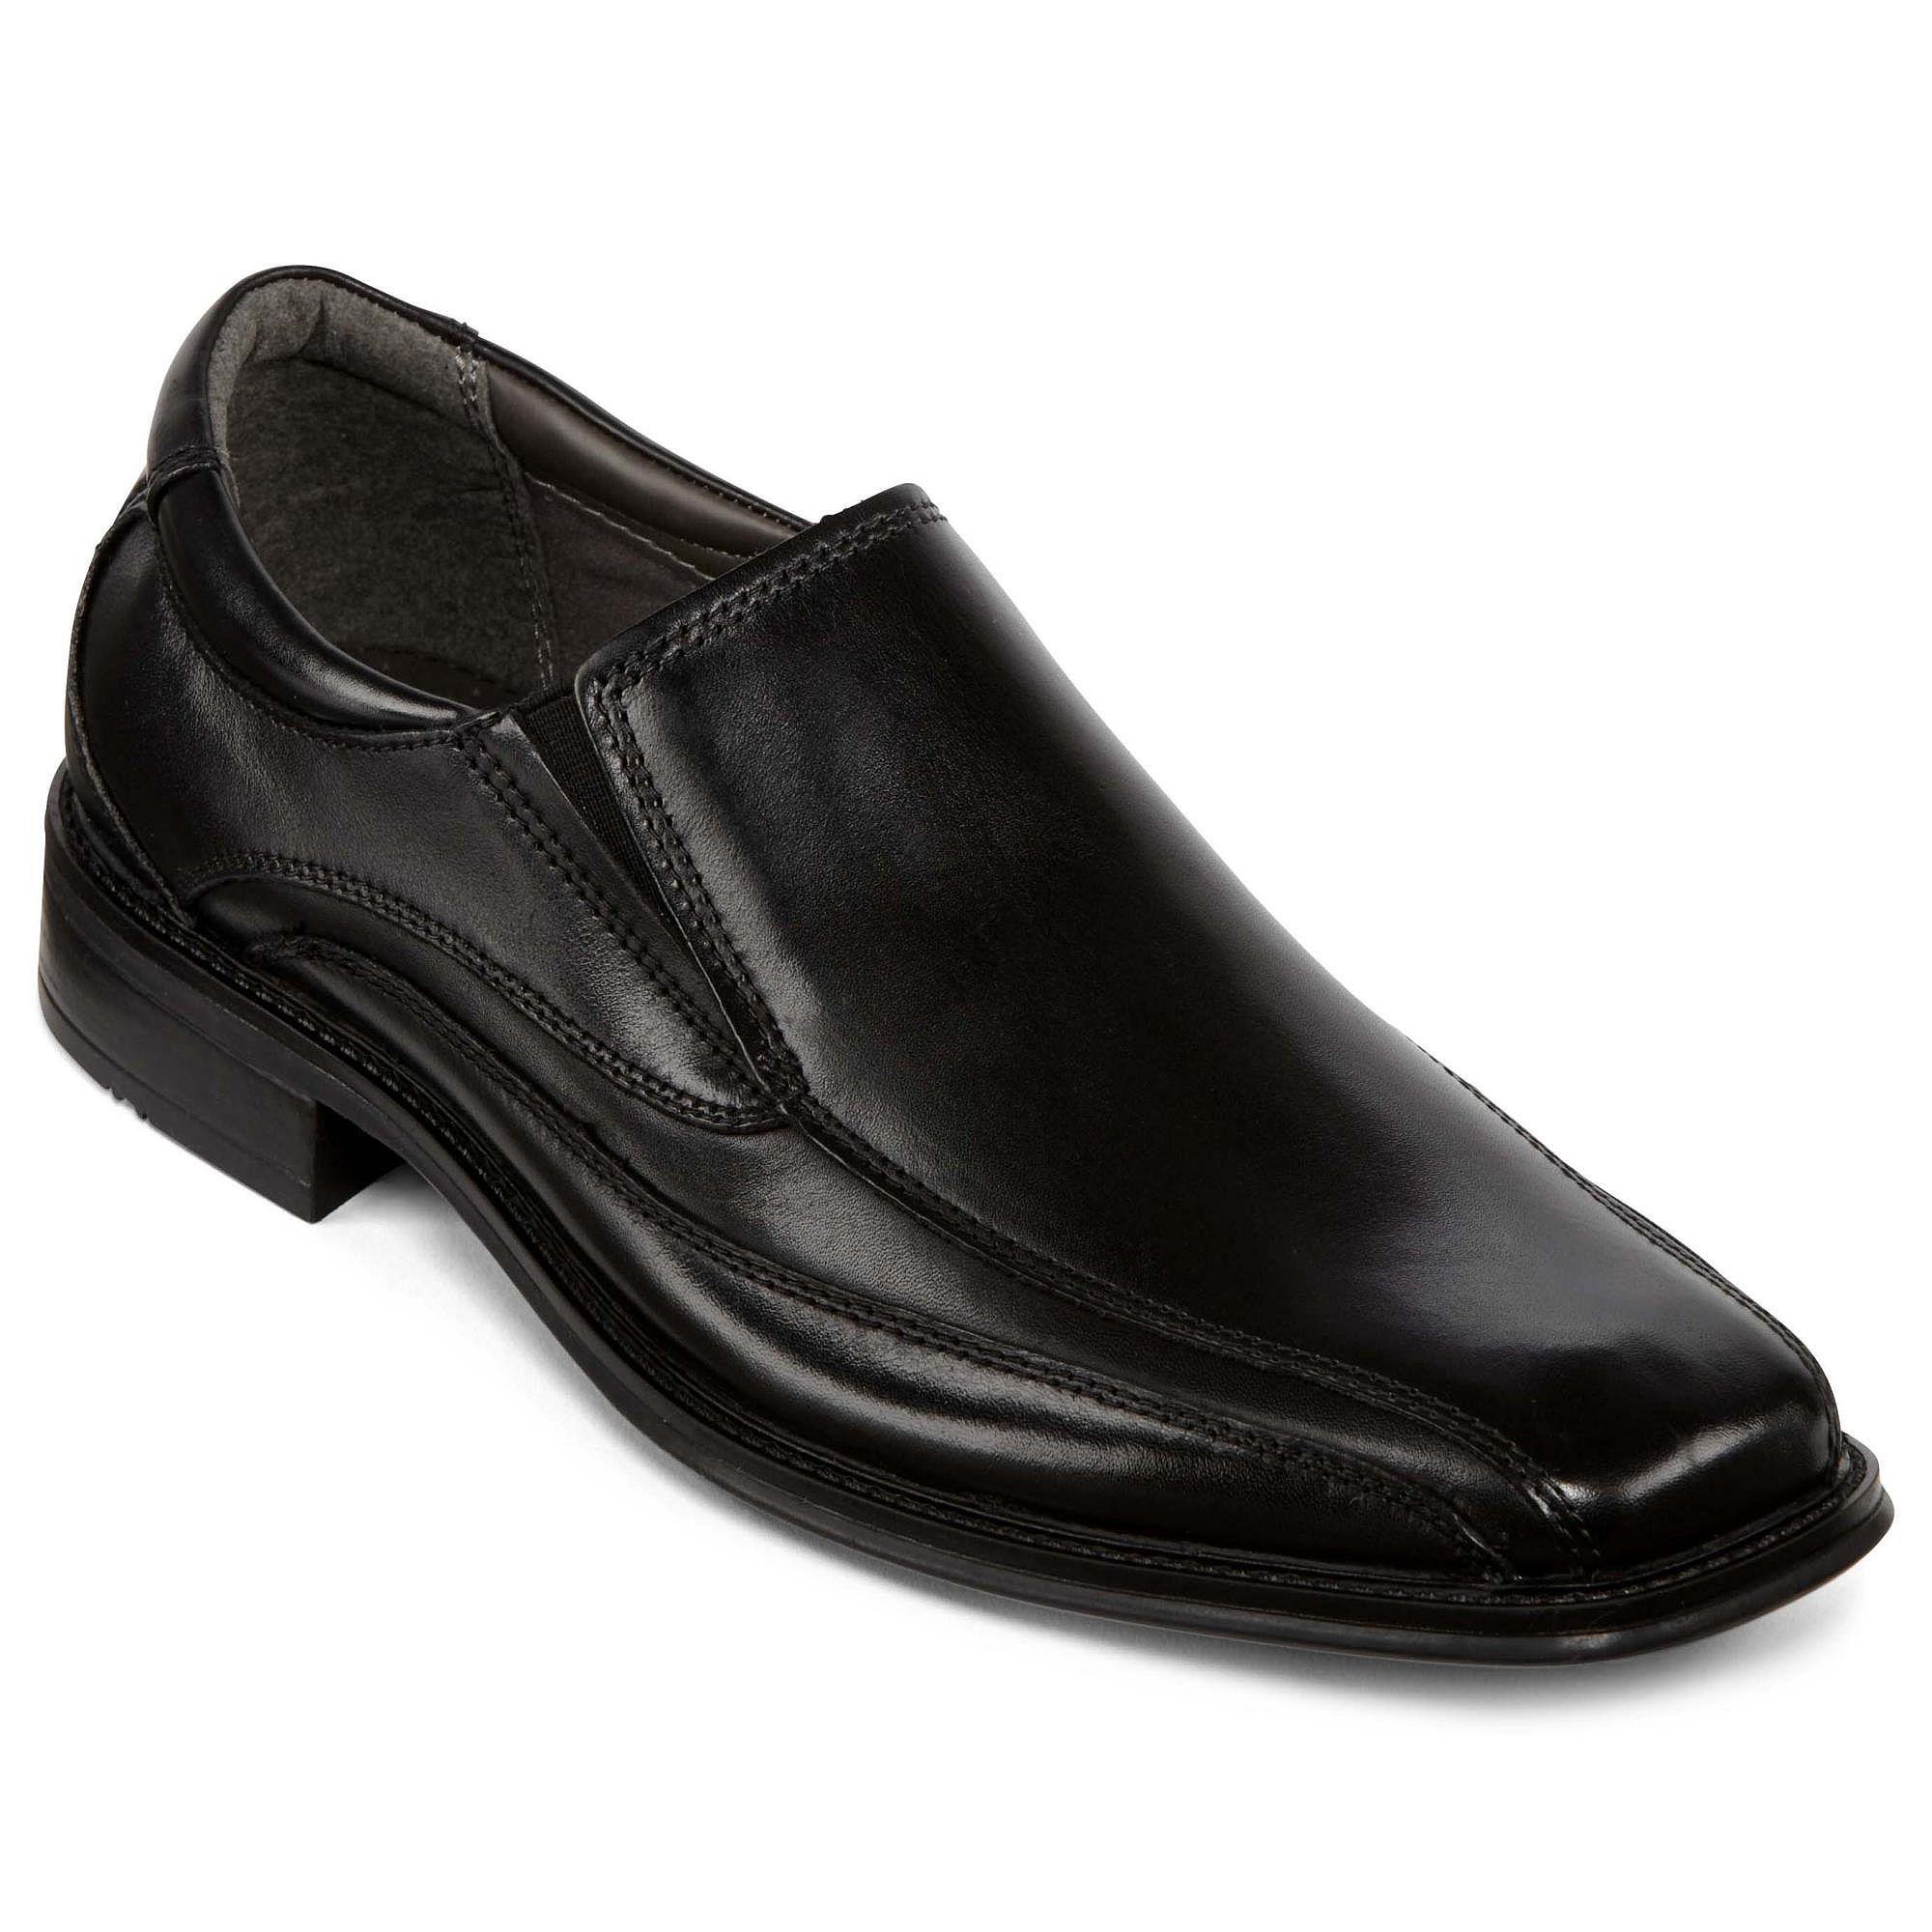 Dockers Franchise Mens Slip-On Dress Shoes